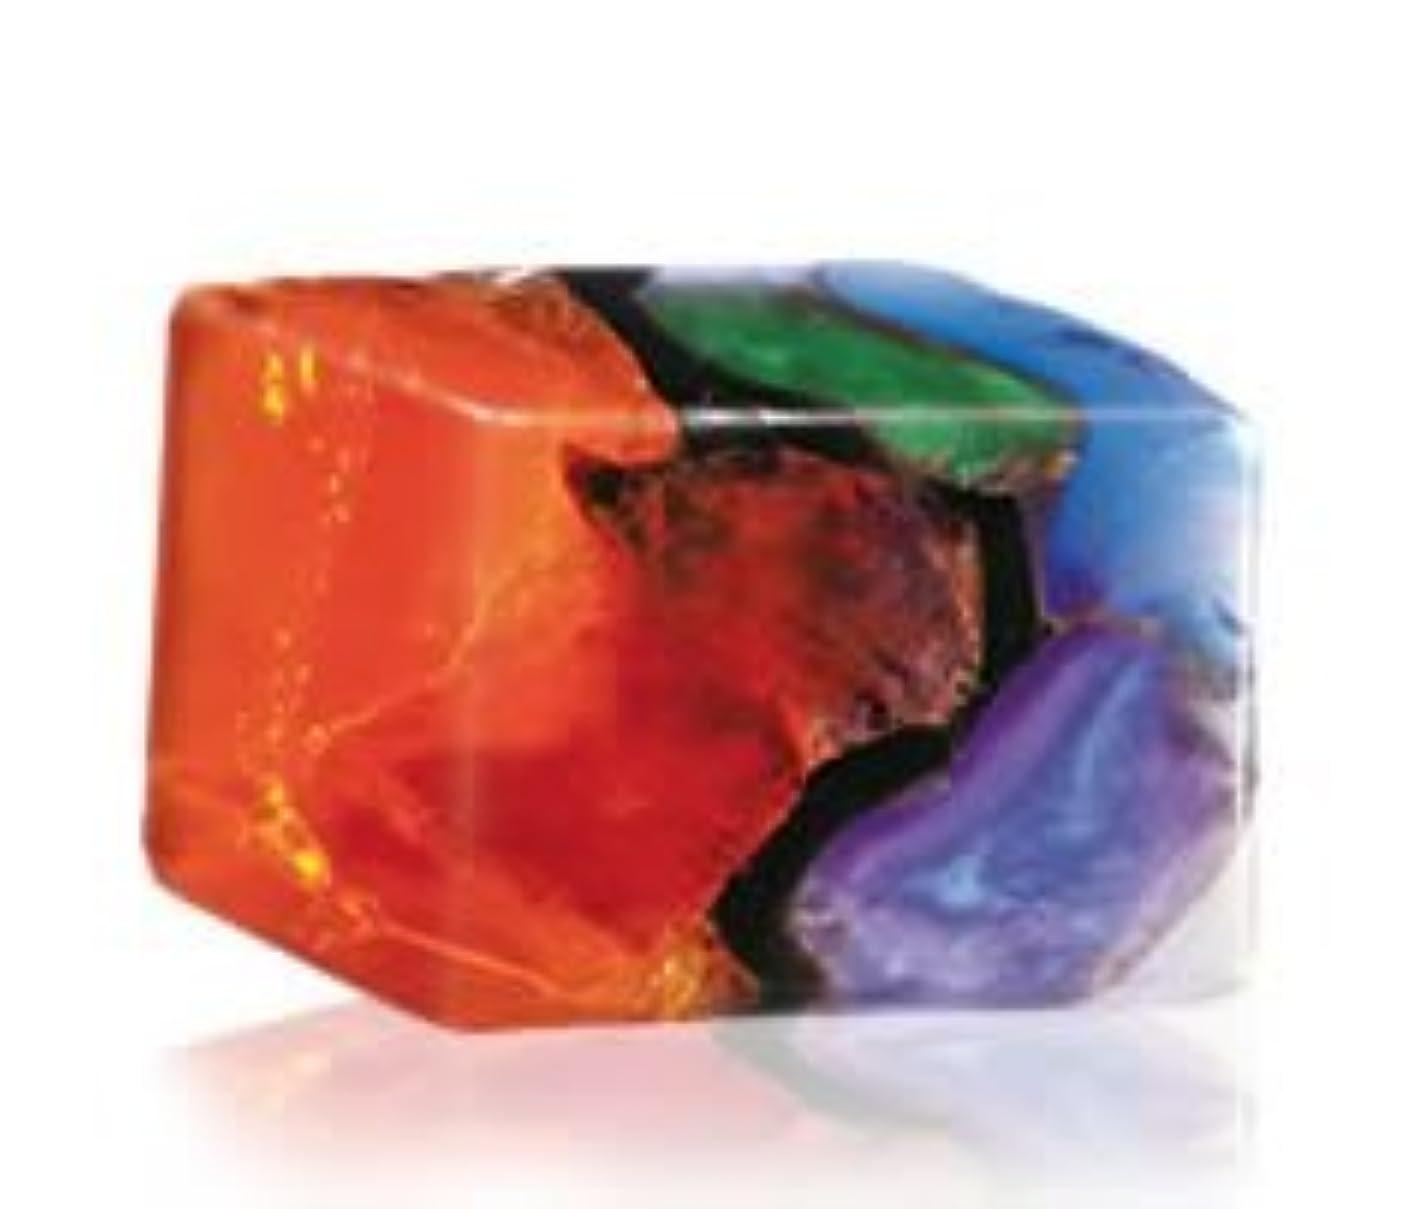 露出度の高い狂人後方Savons Gemme サボンジェム 世界で一番美しい宝石石鹸 フレグランスソープ ファイアオパール 170g【日本総代理店品】